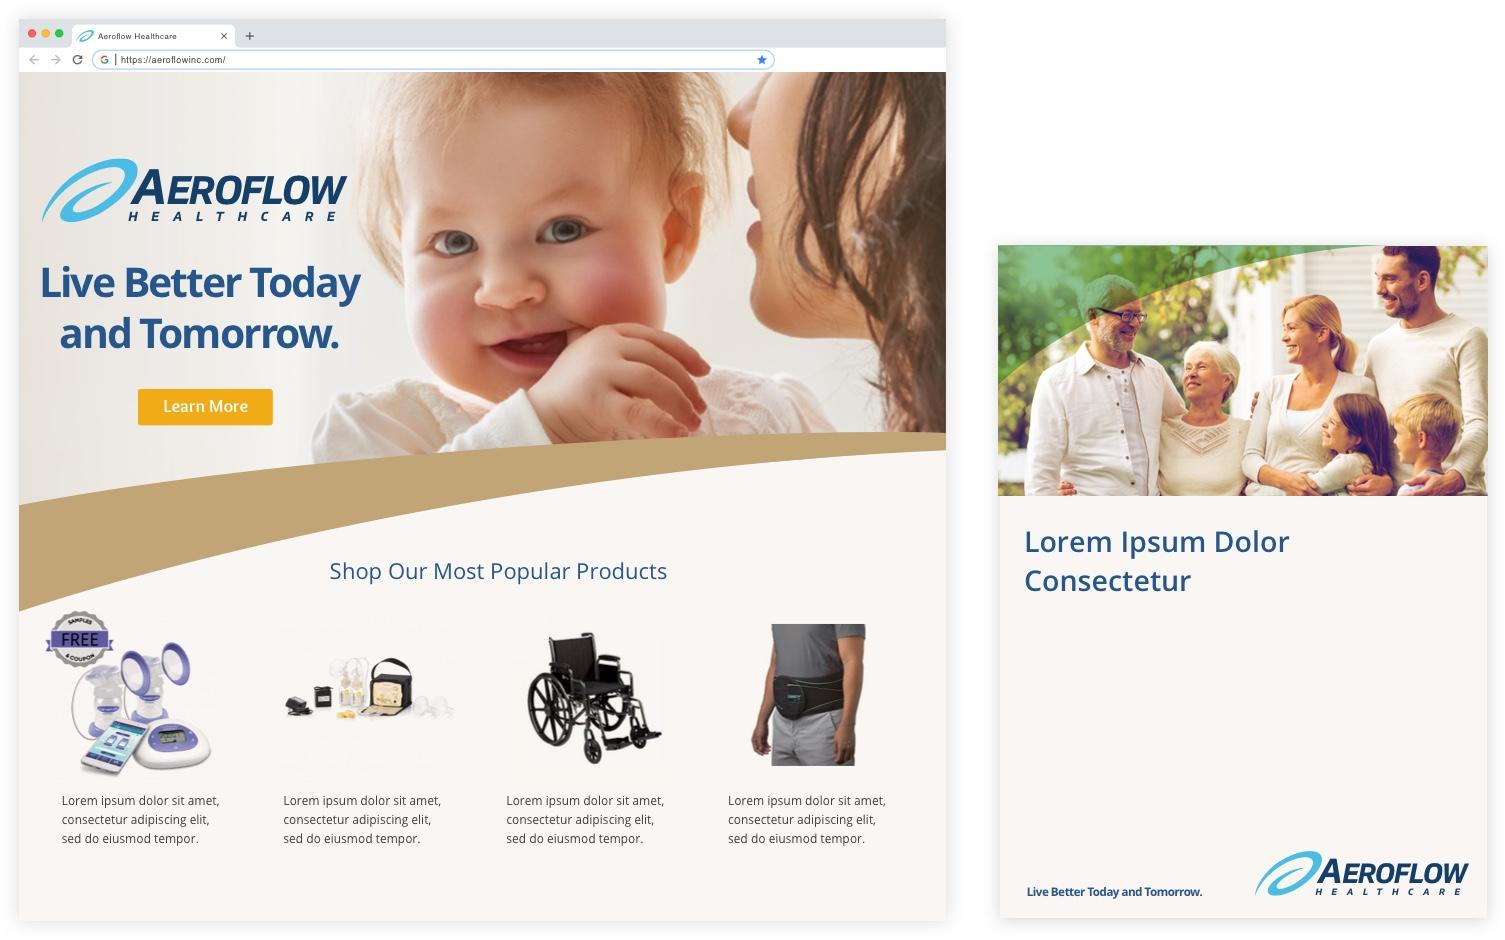 Aeroflow Healthcare Identity Design